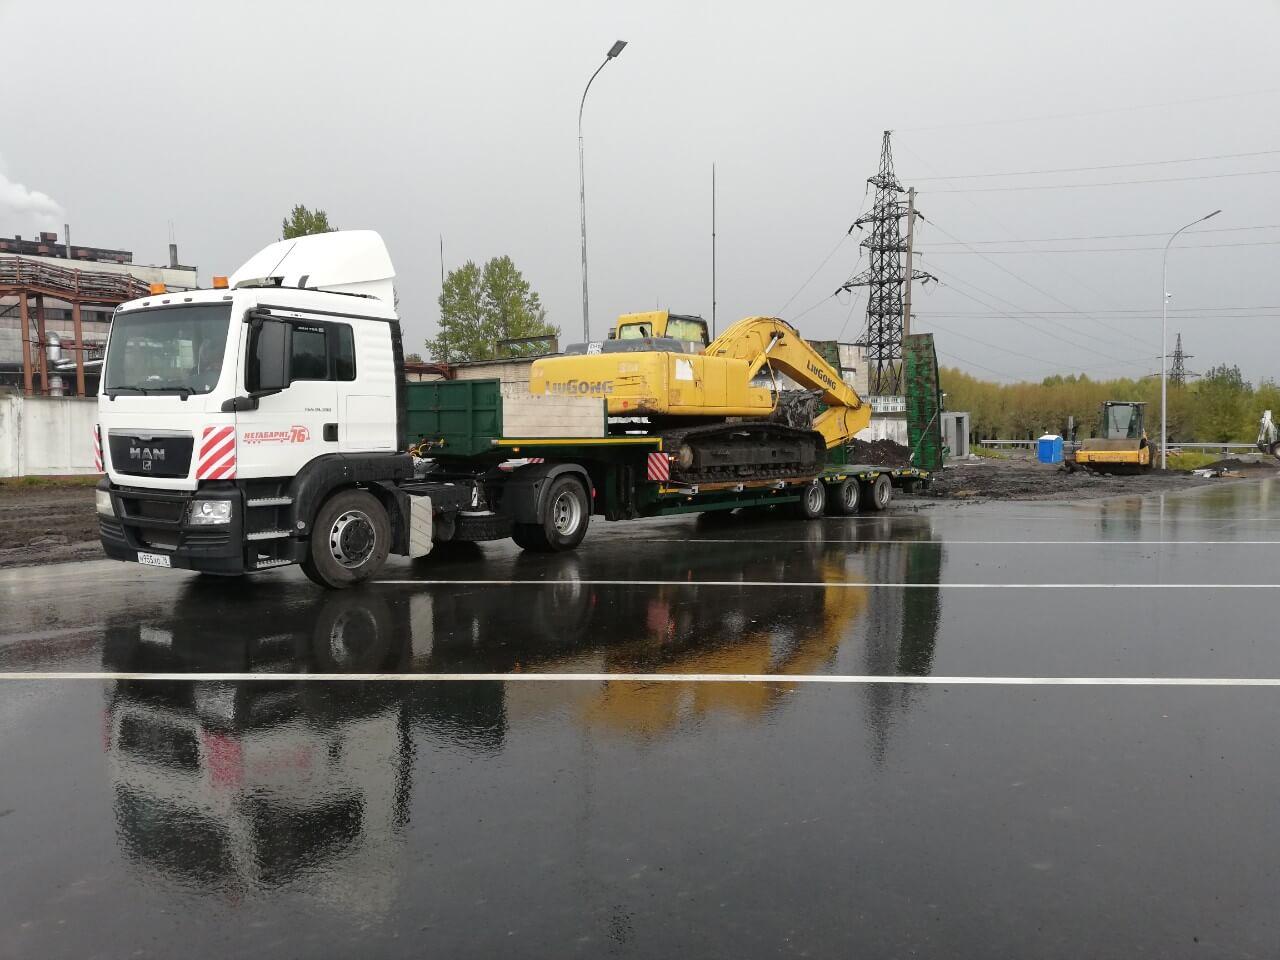 Перевозка Экскаватора с завода Комацу для компании АО «ПрофСтрой» на строительную площадку г. Череповец